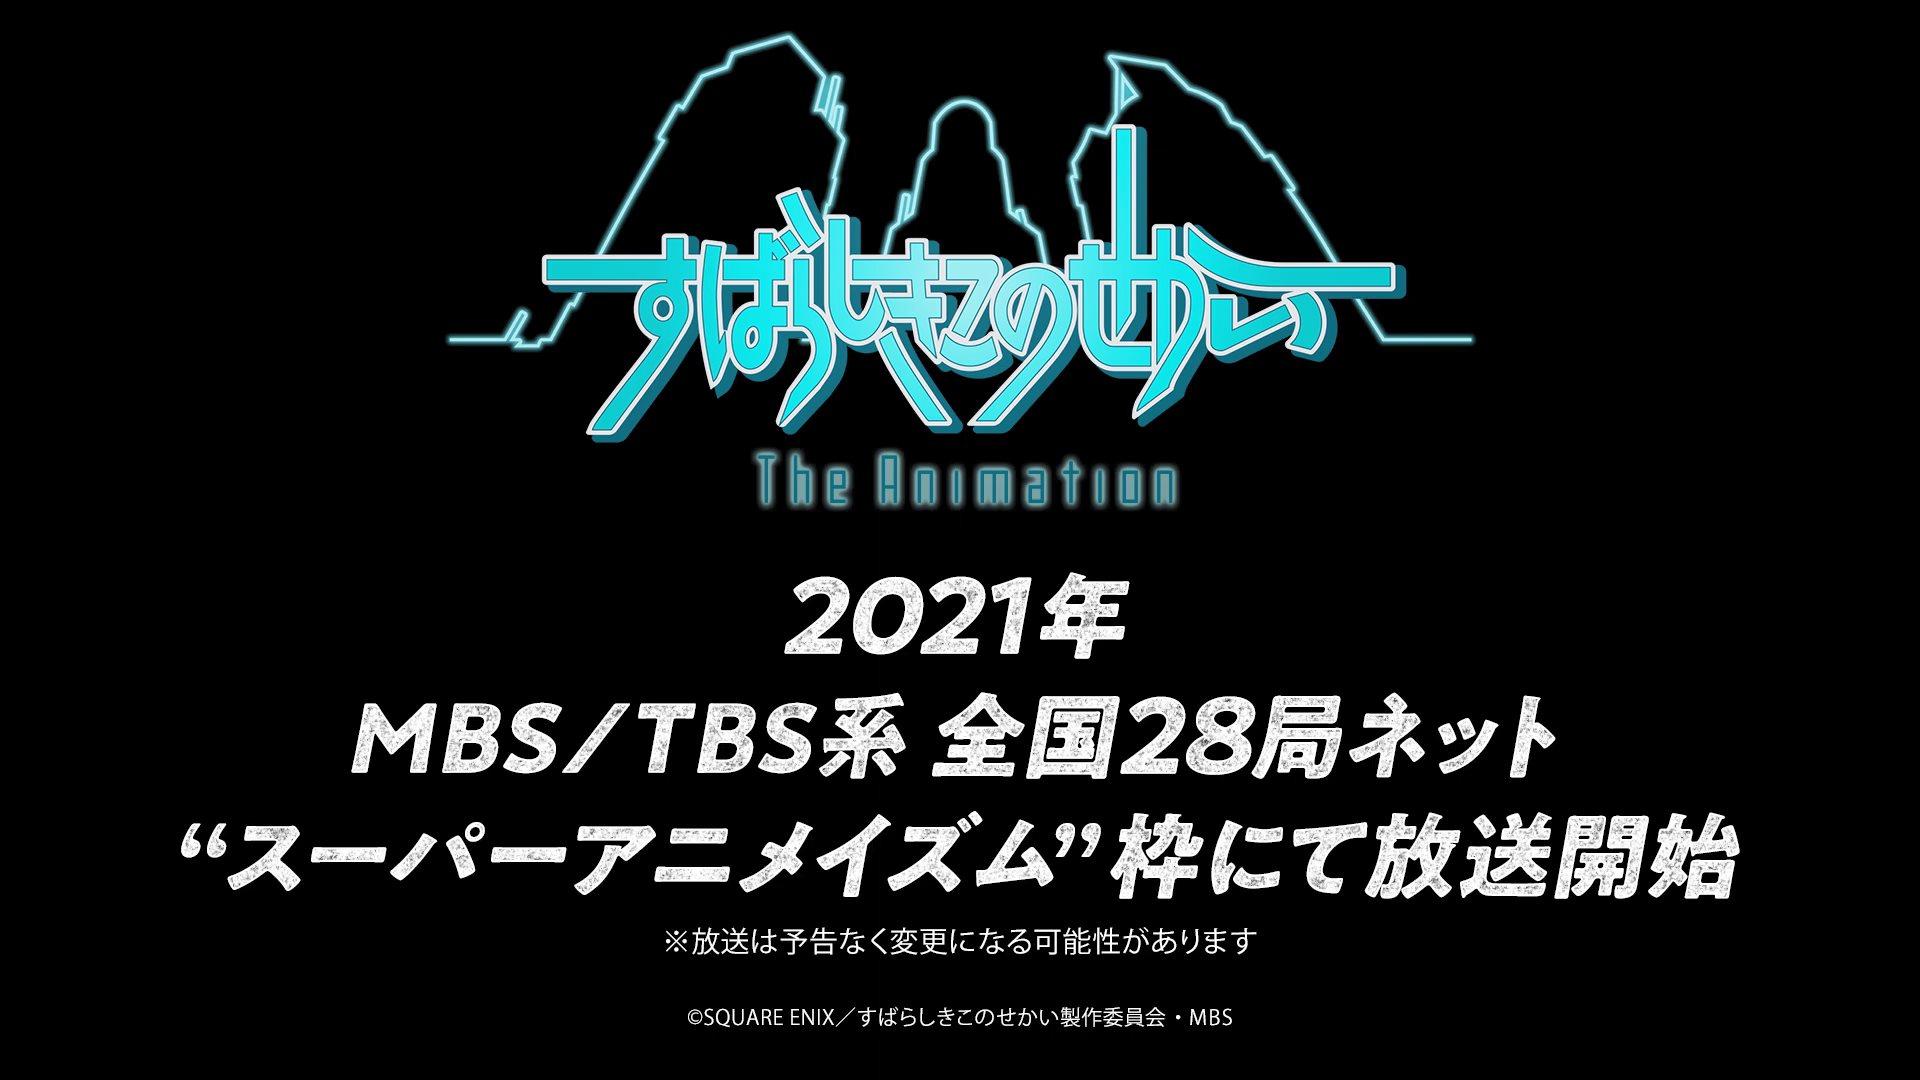 动画版《美妙世界》新预告 主角涩谷醒来迷茫无助